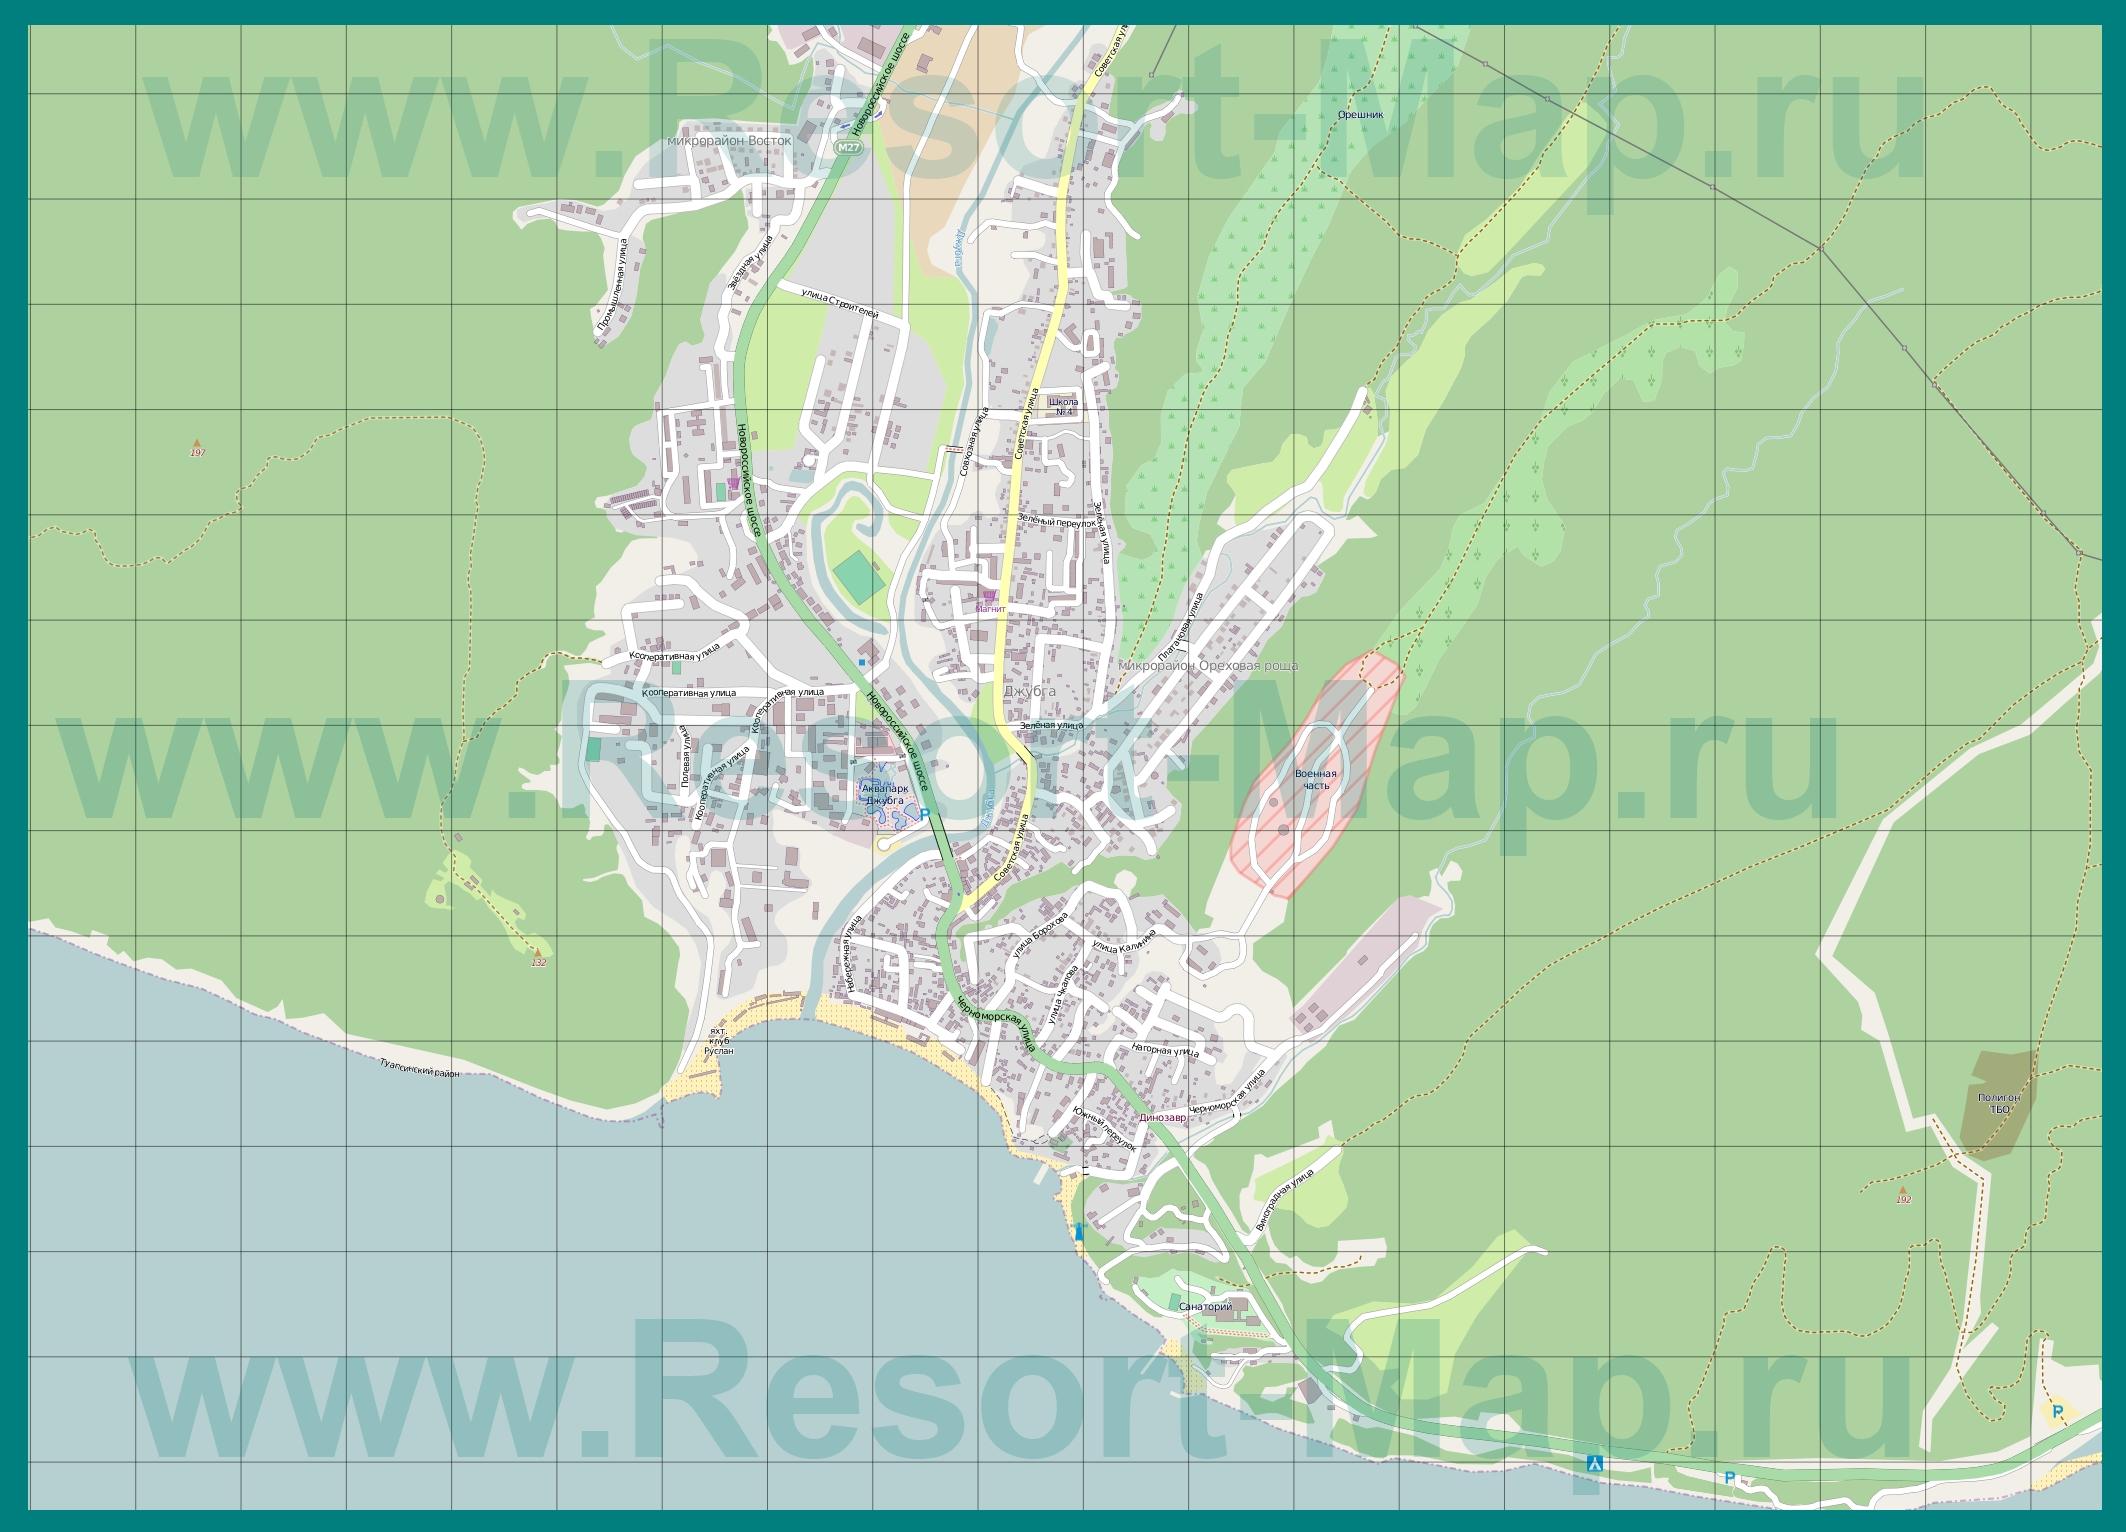 Схема бухты инал по участкам